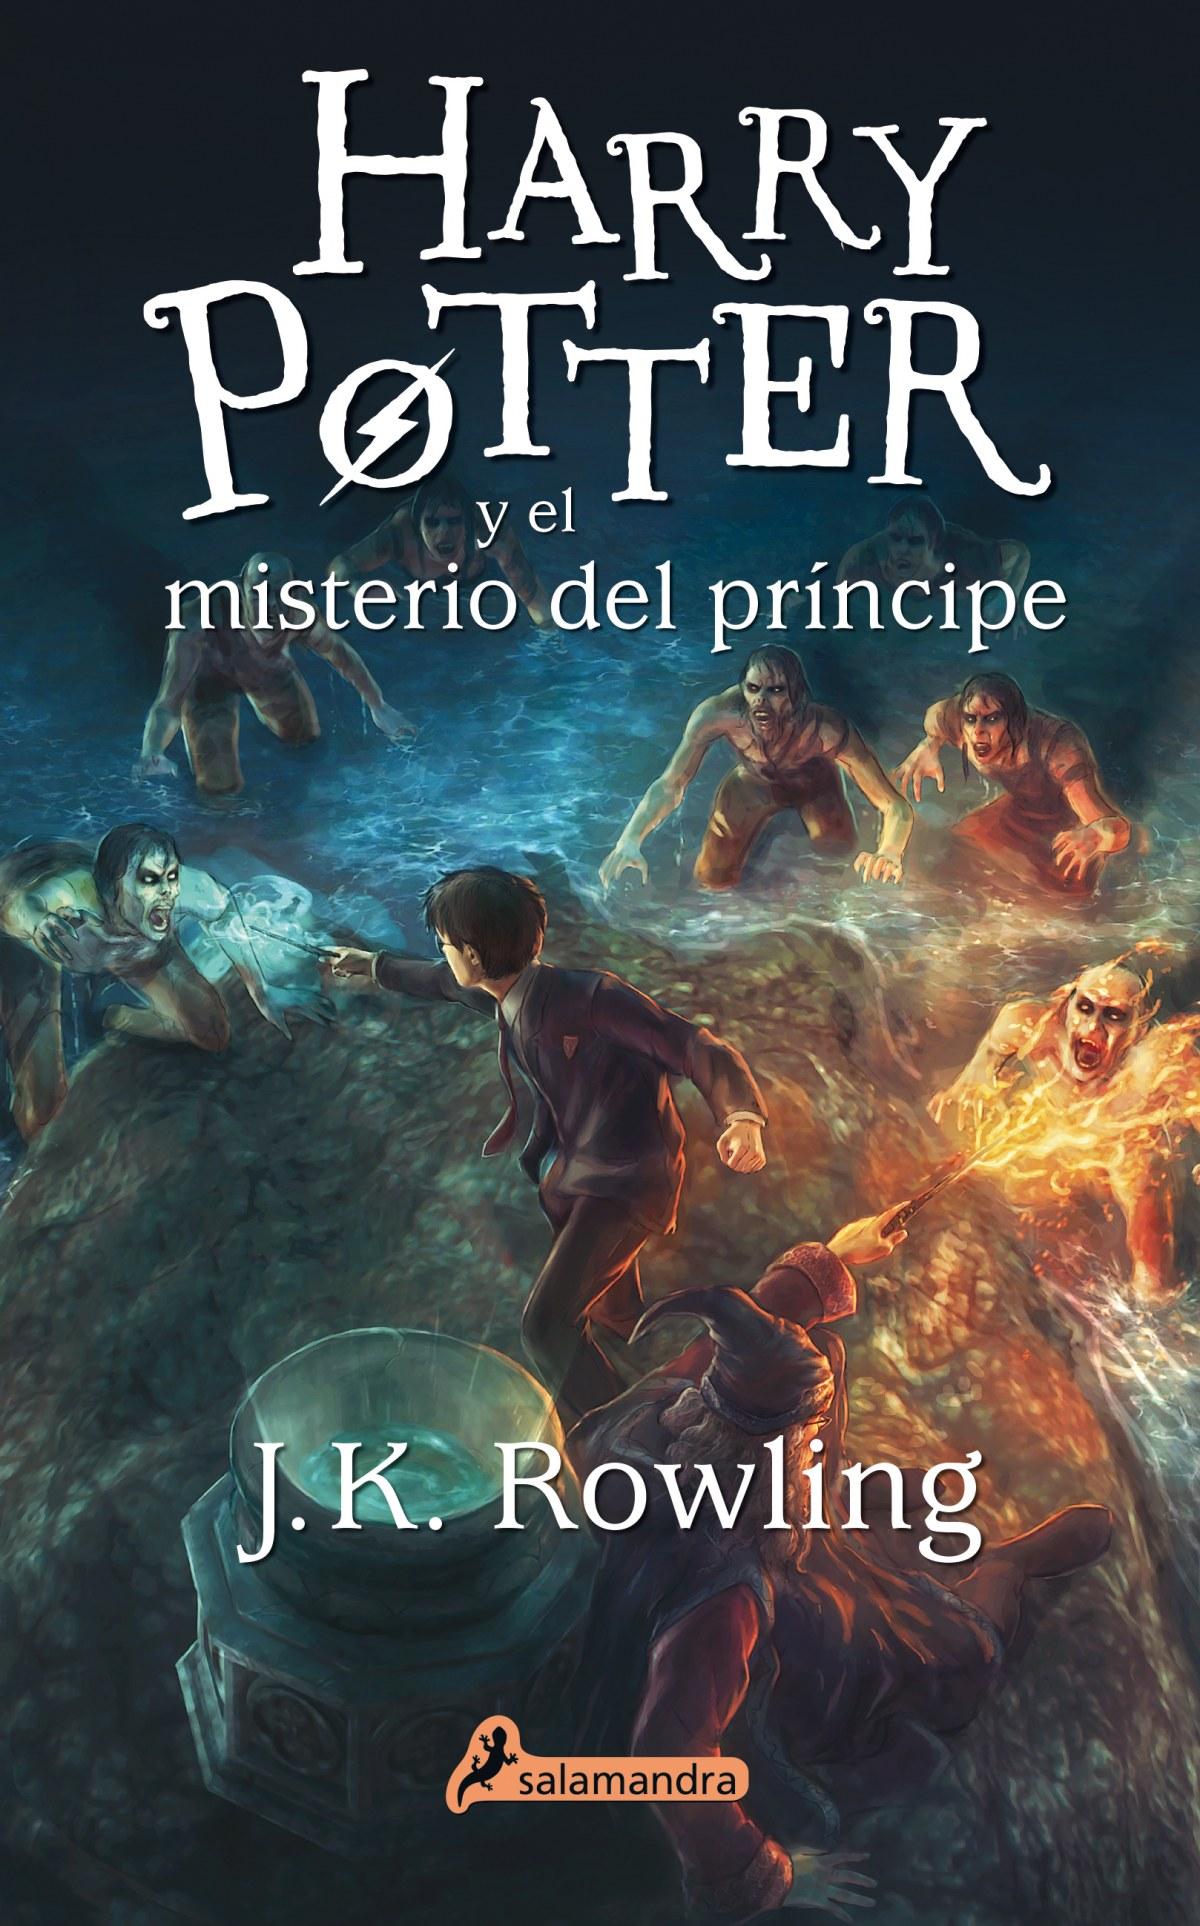 Harry Potter y el misterio del principe 9788498386363